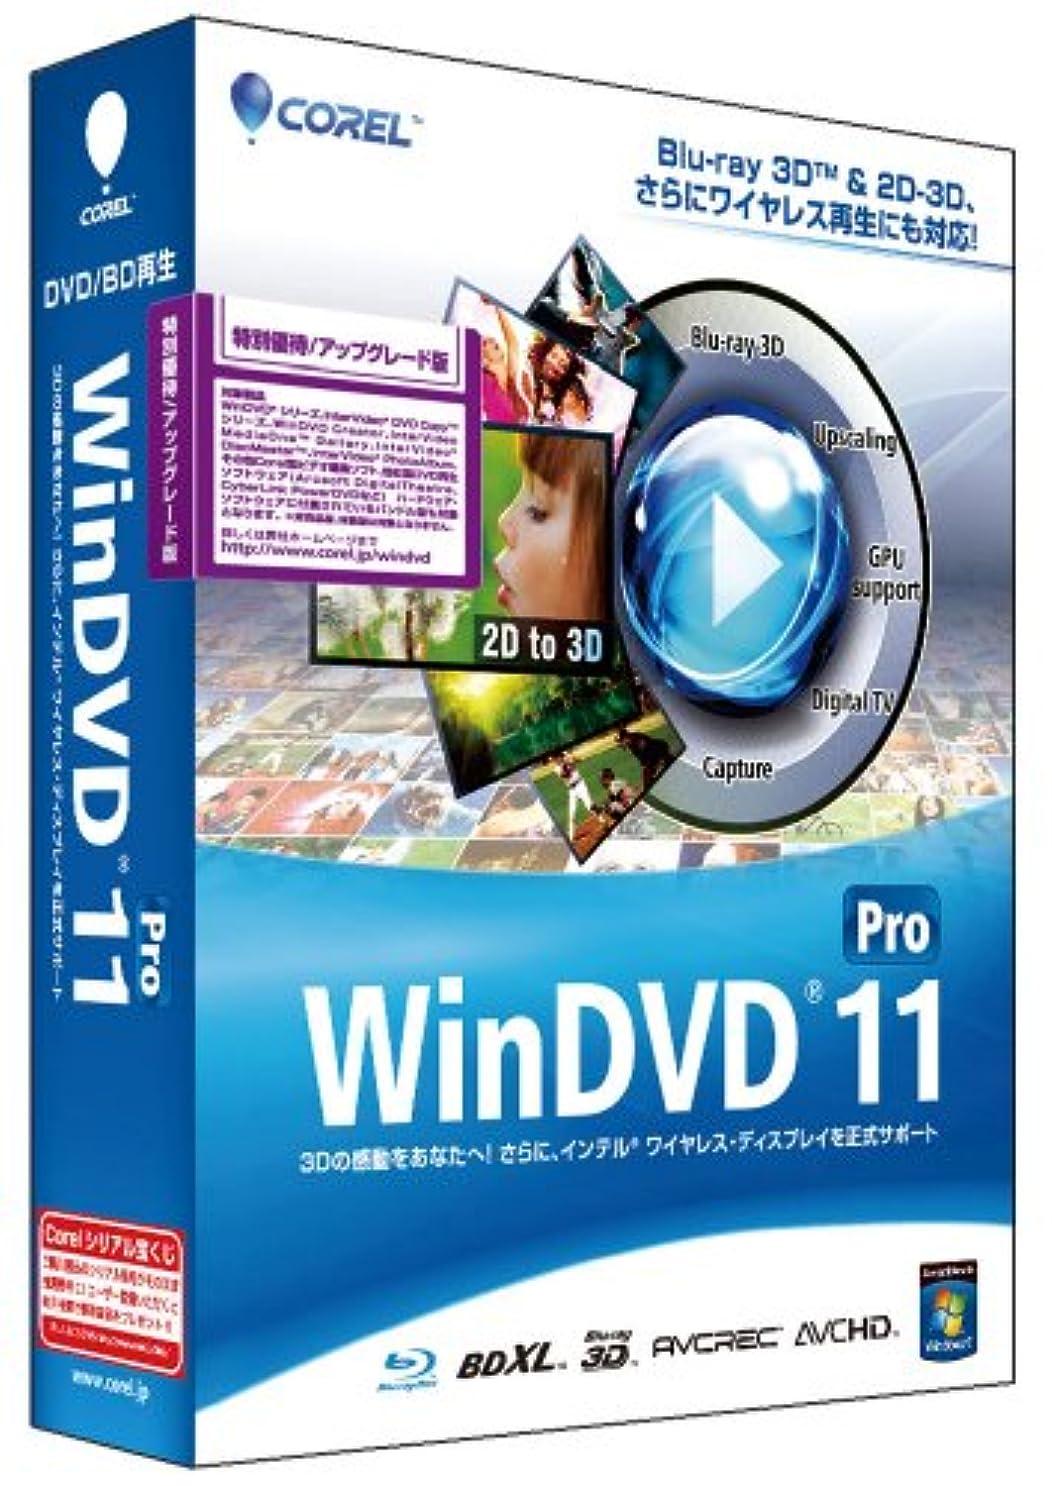 被害者フォーマット不当Corel WinDVD Pro 11 特別優待/アップグレード版